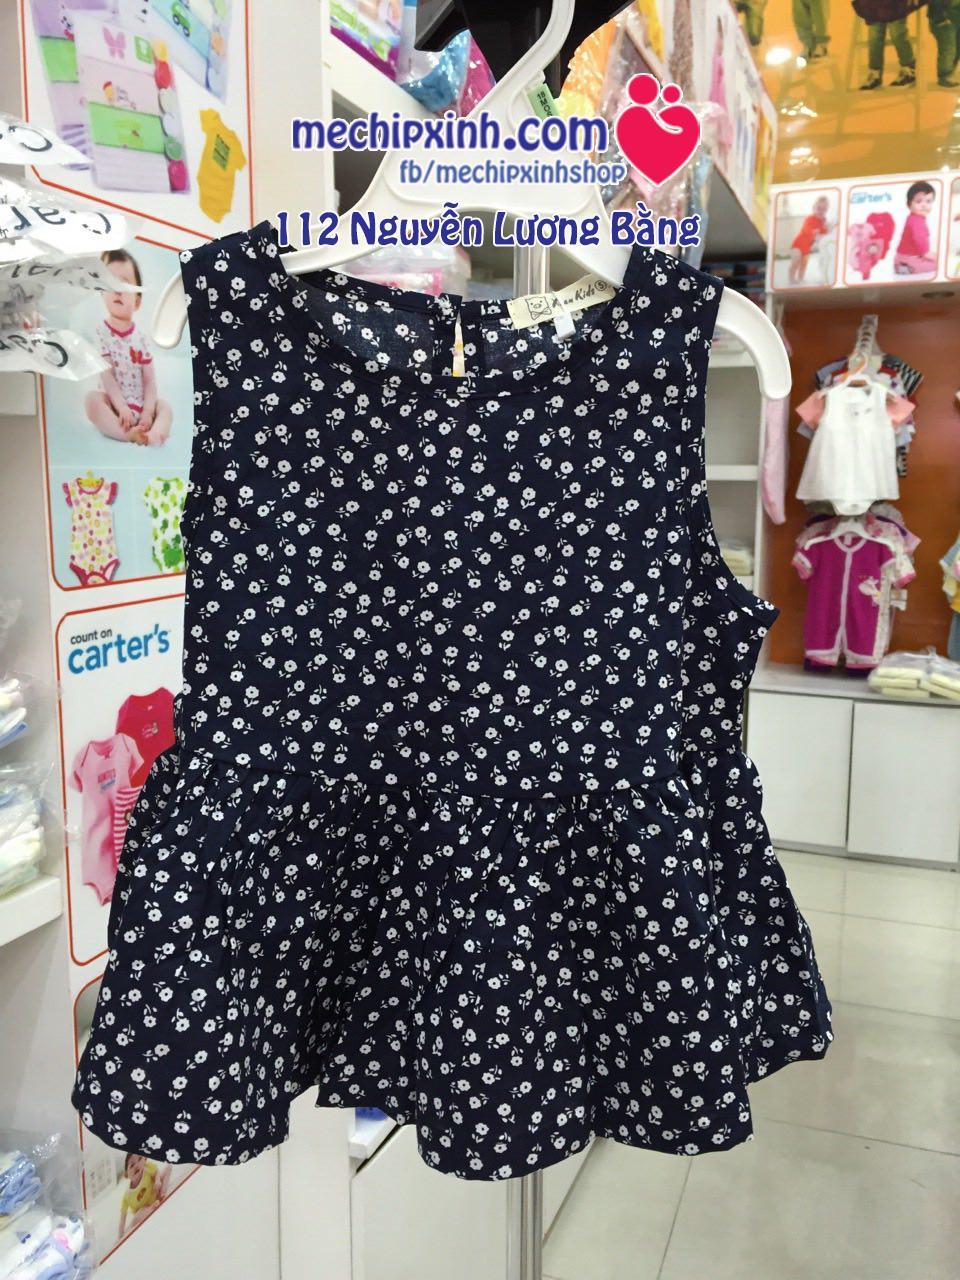 size 3 đến 24 tháng váy cotton hè thời trang bé gái xuất khẩu